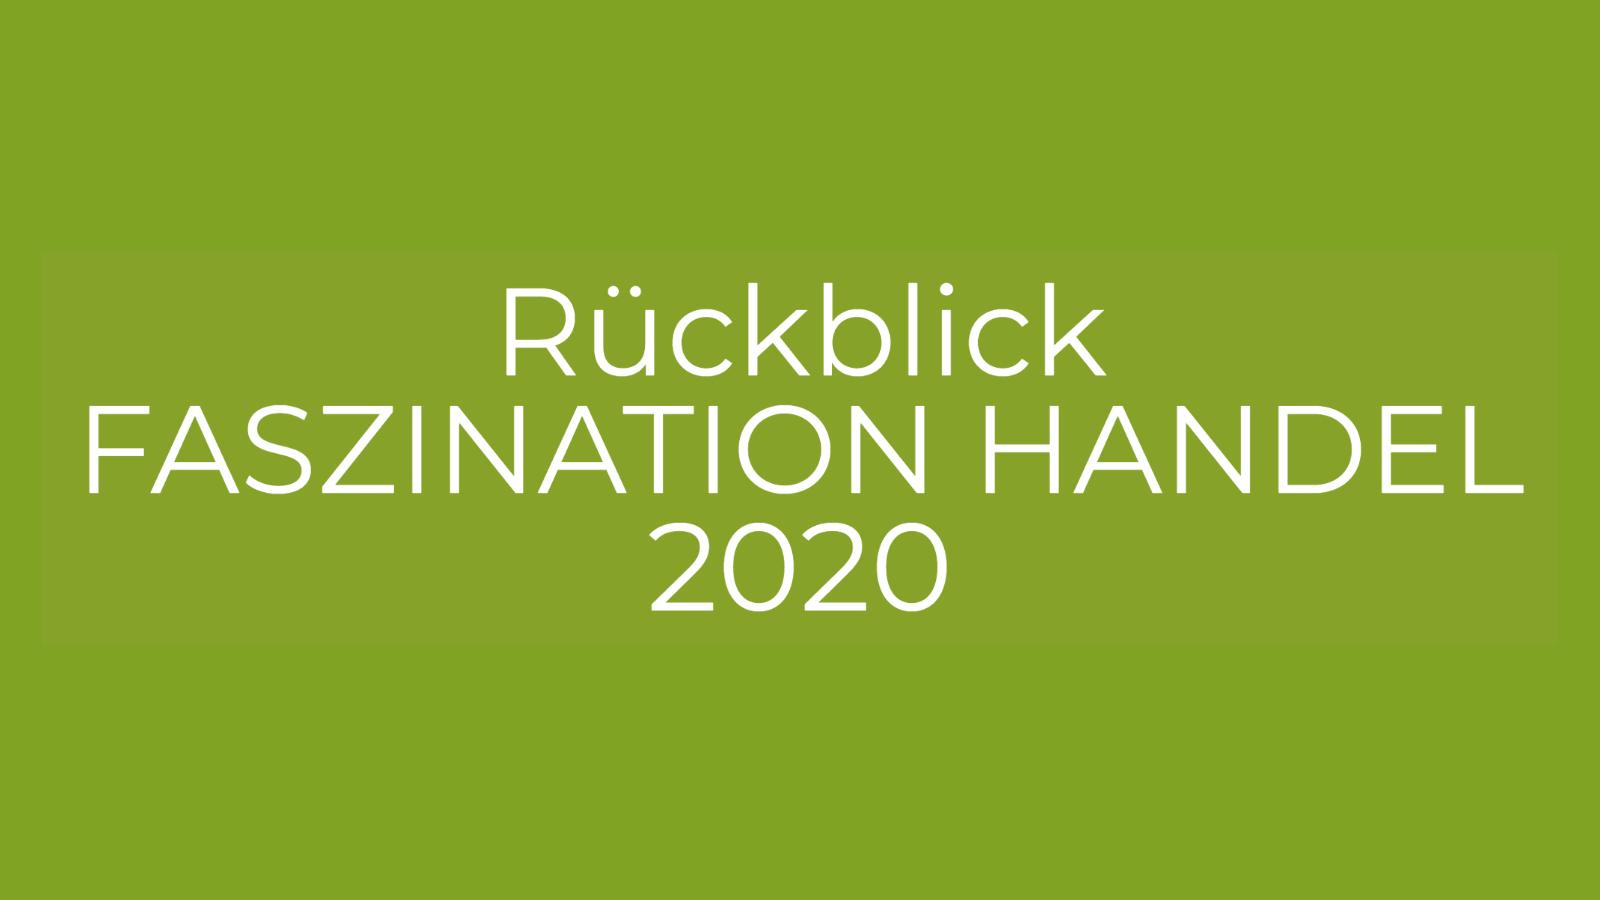 Rückblick FASZINATION HANDEL 2020